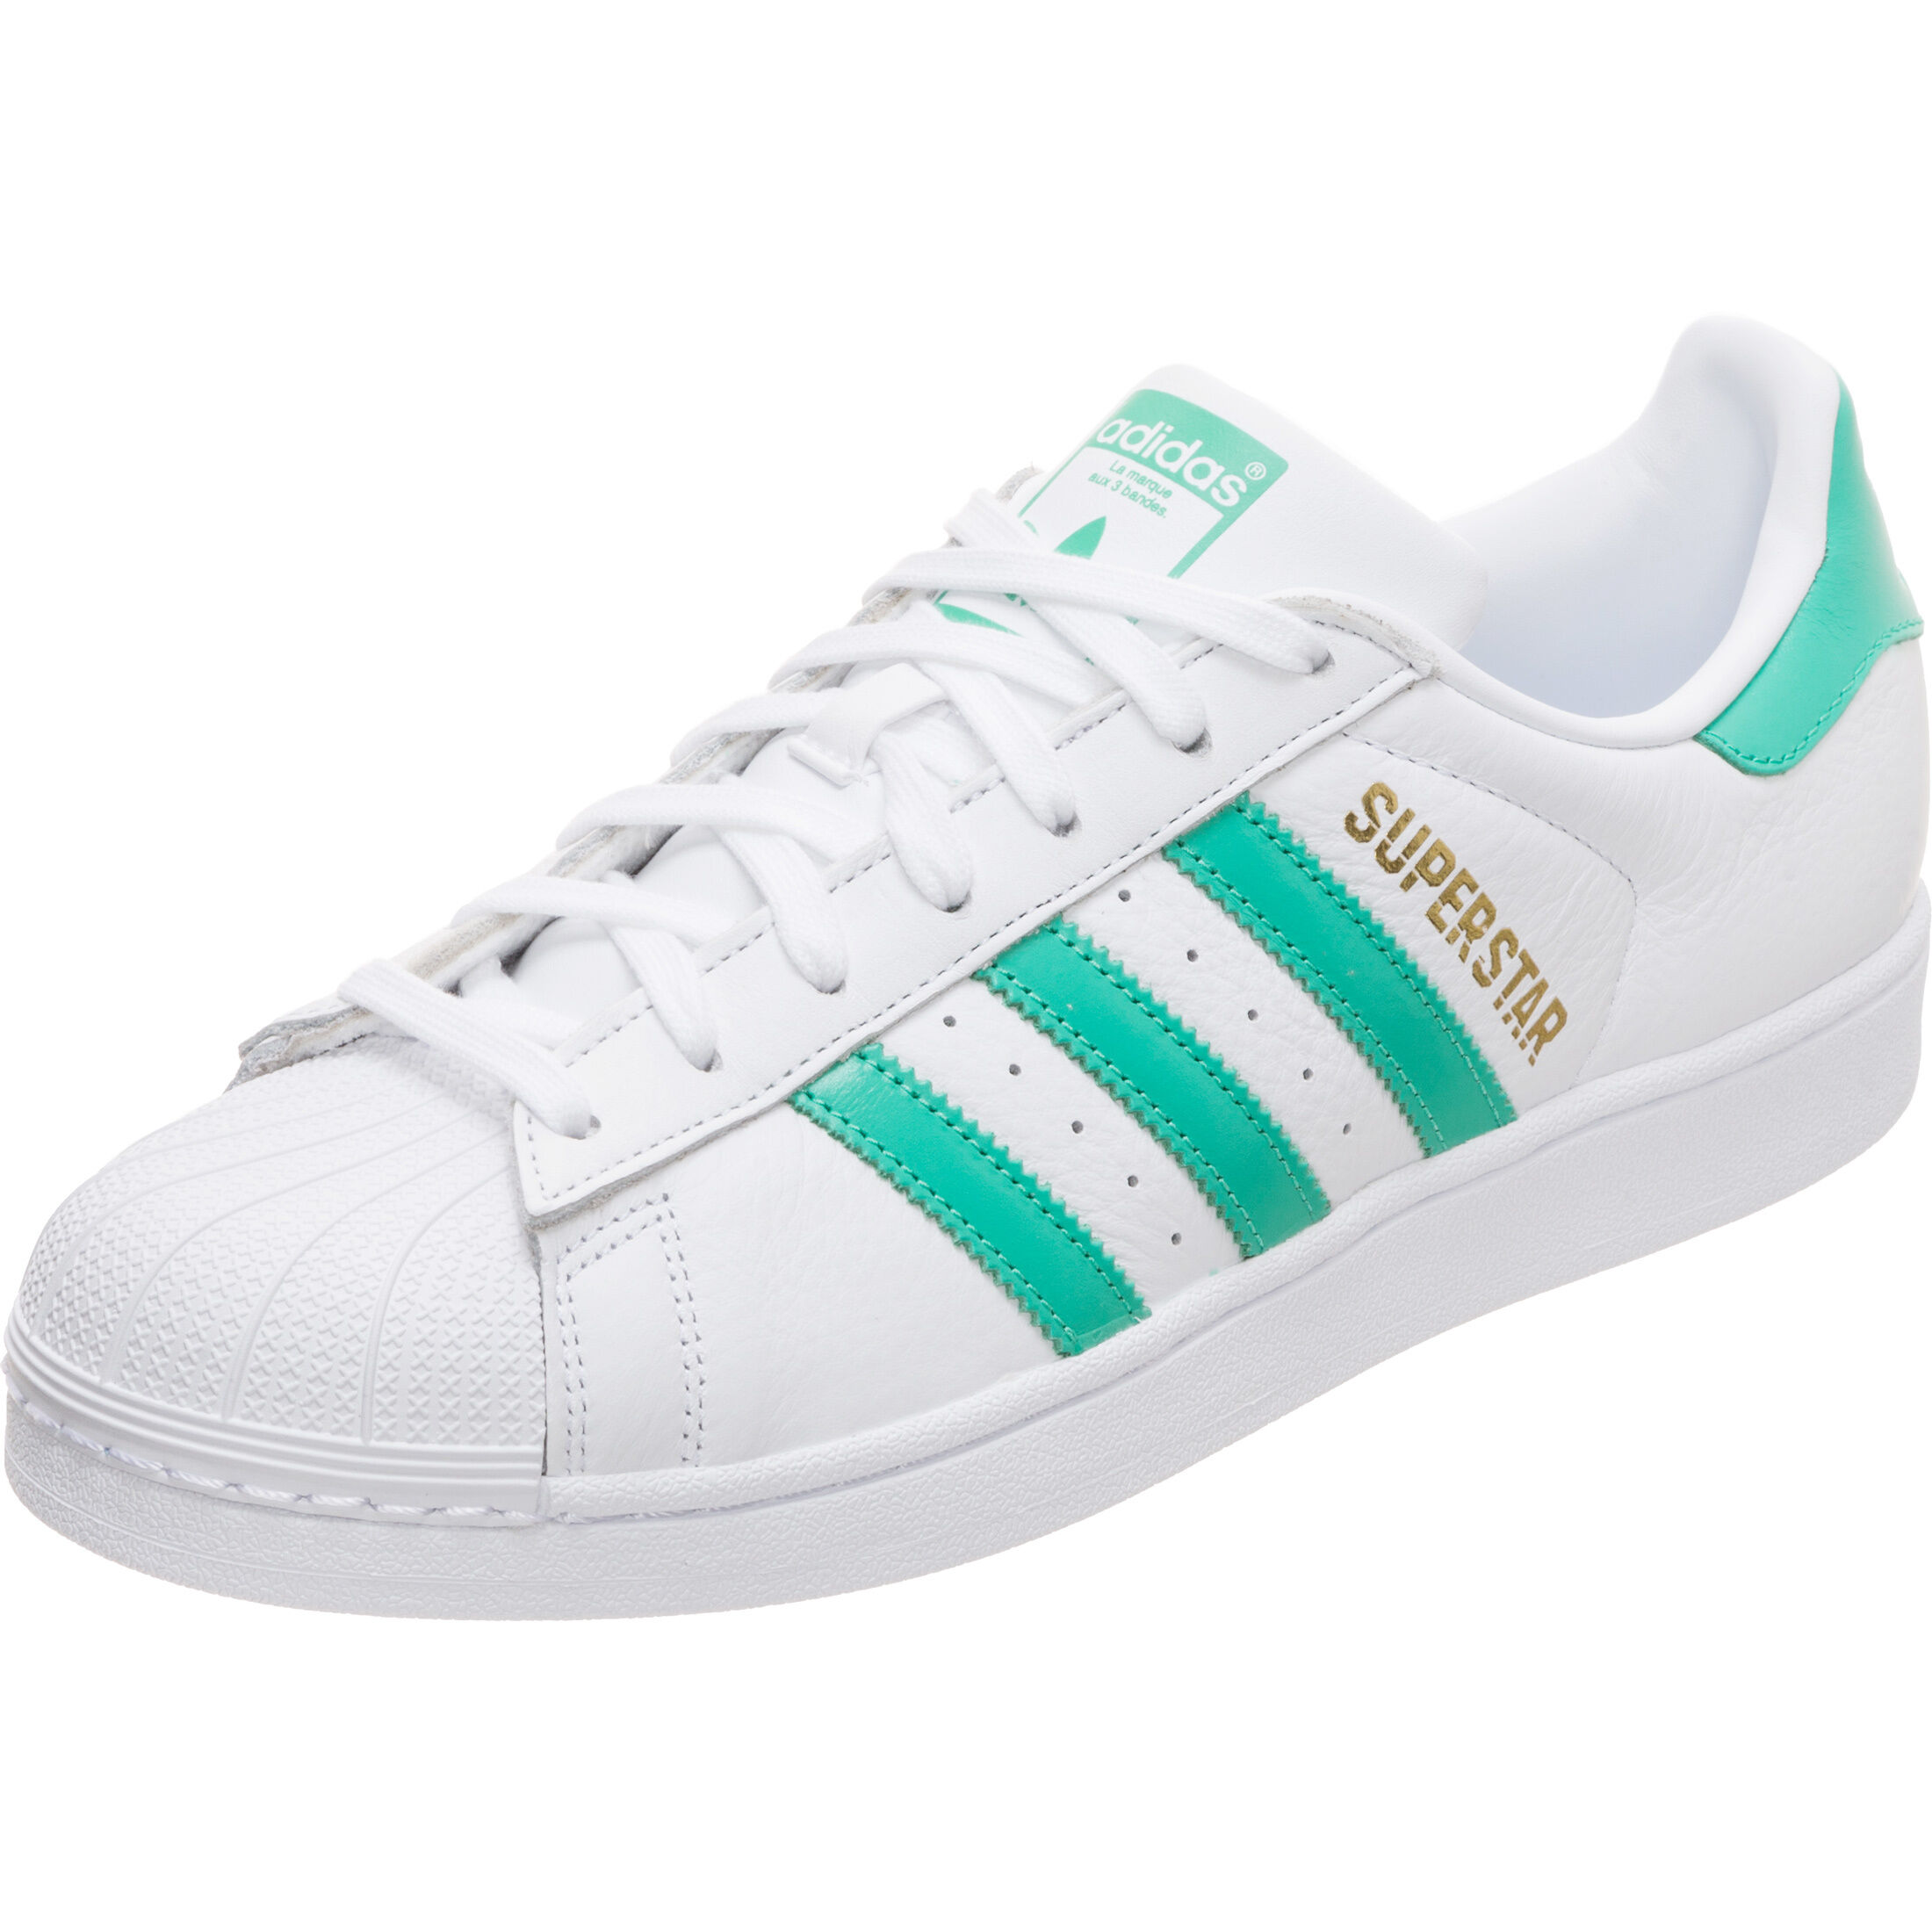 Adidas Superstar Schuhe Trainingsanzüge für Herren Damen